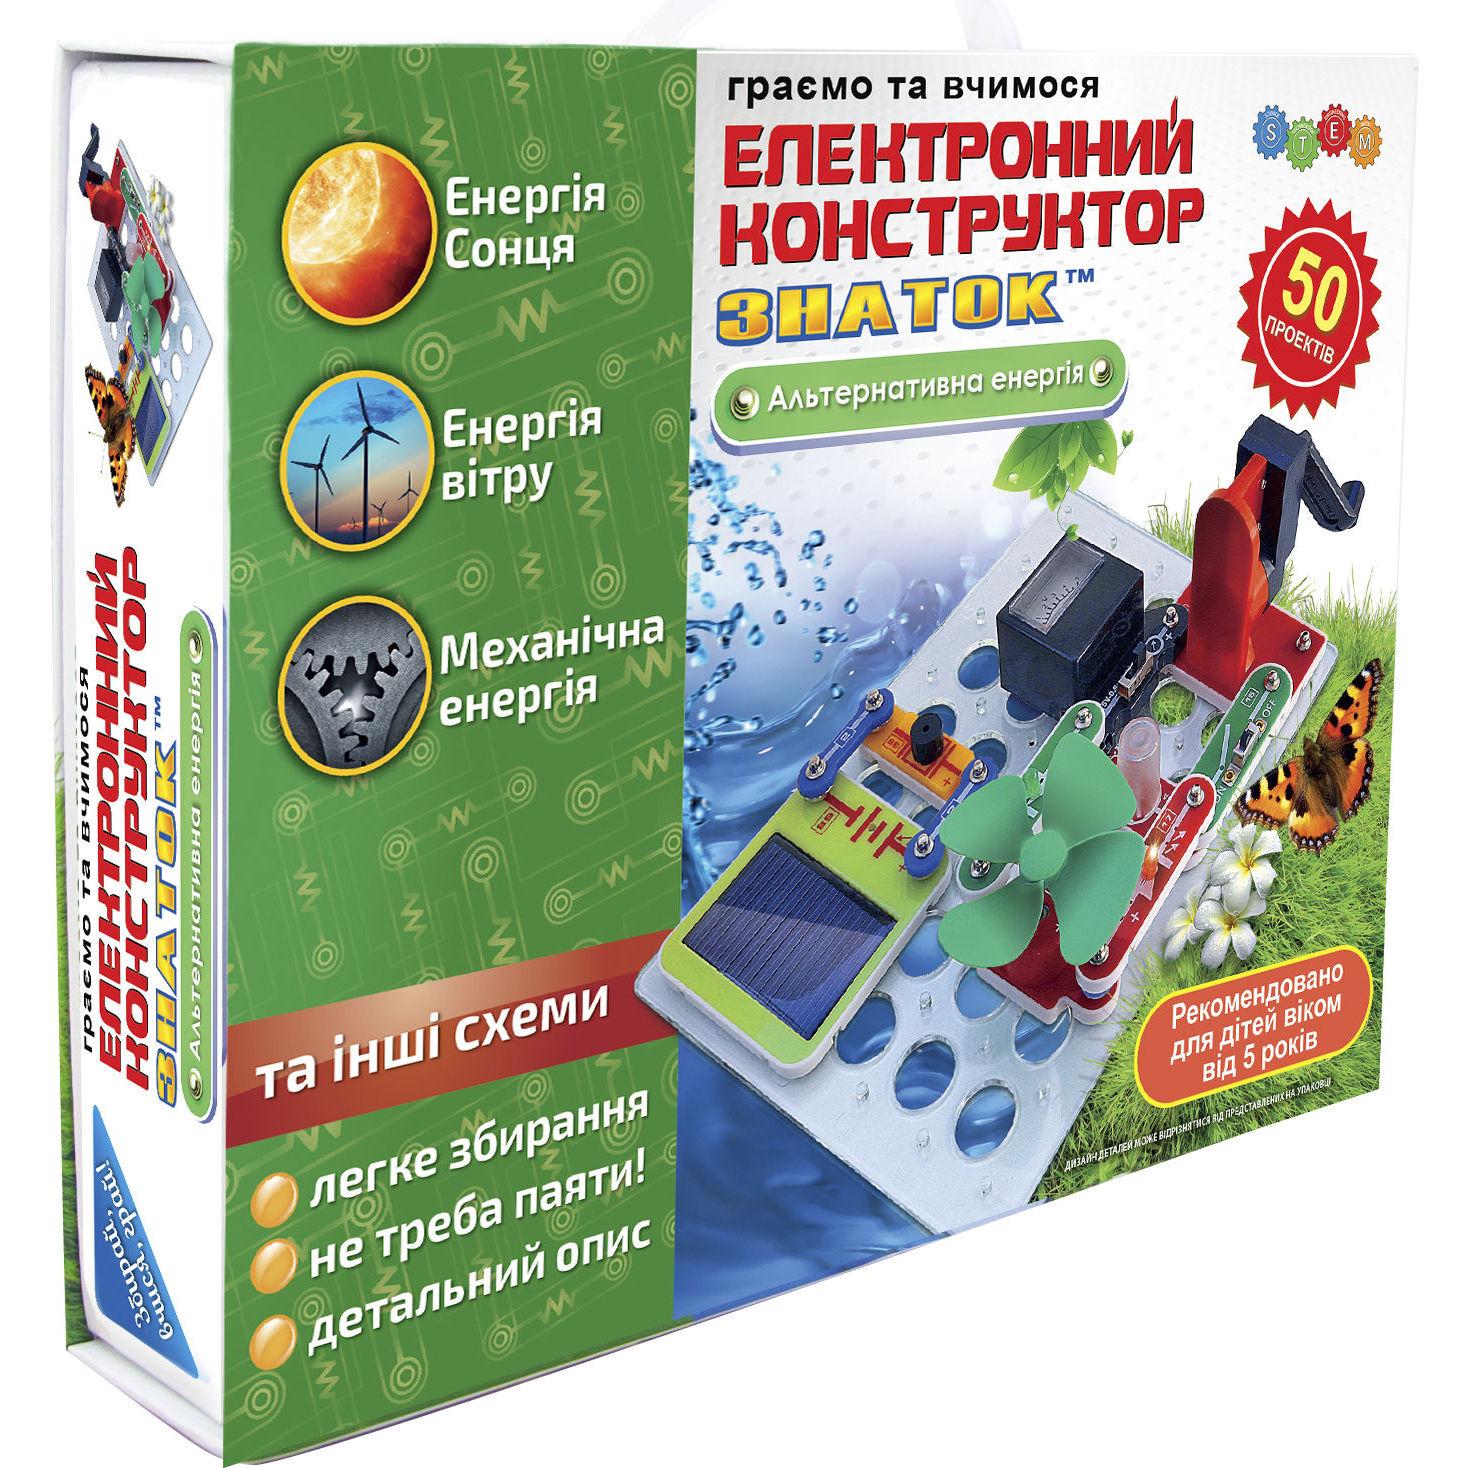 Электронный конструктор знаток цена саратов